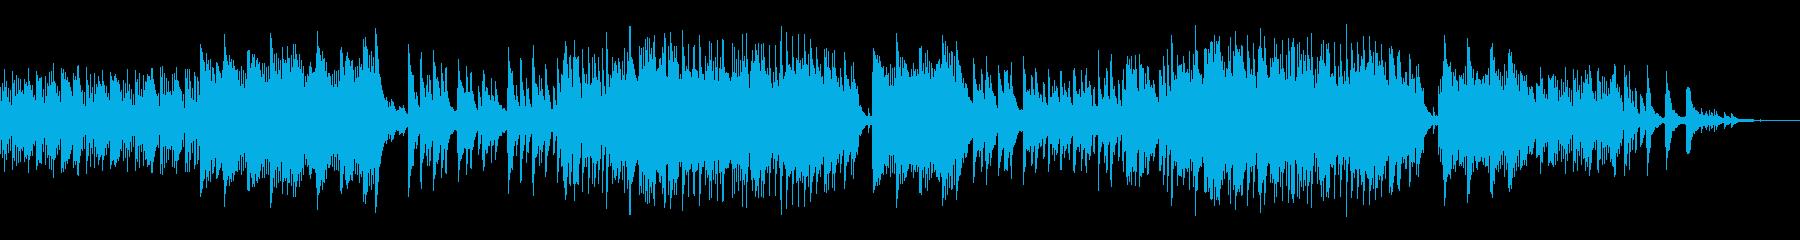 ピアノソロ ピアノバラード 4分の3拍子の再生済みの波形